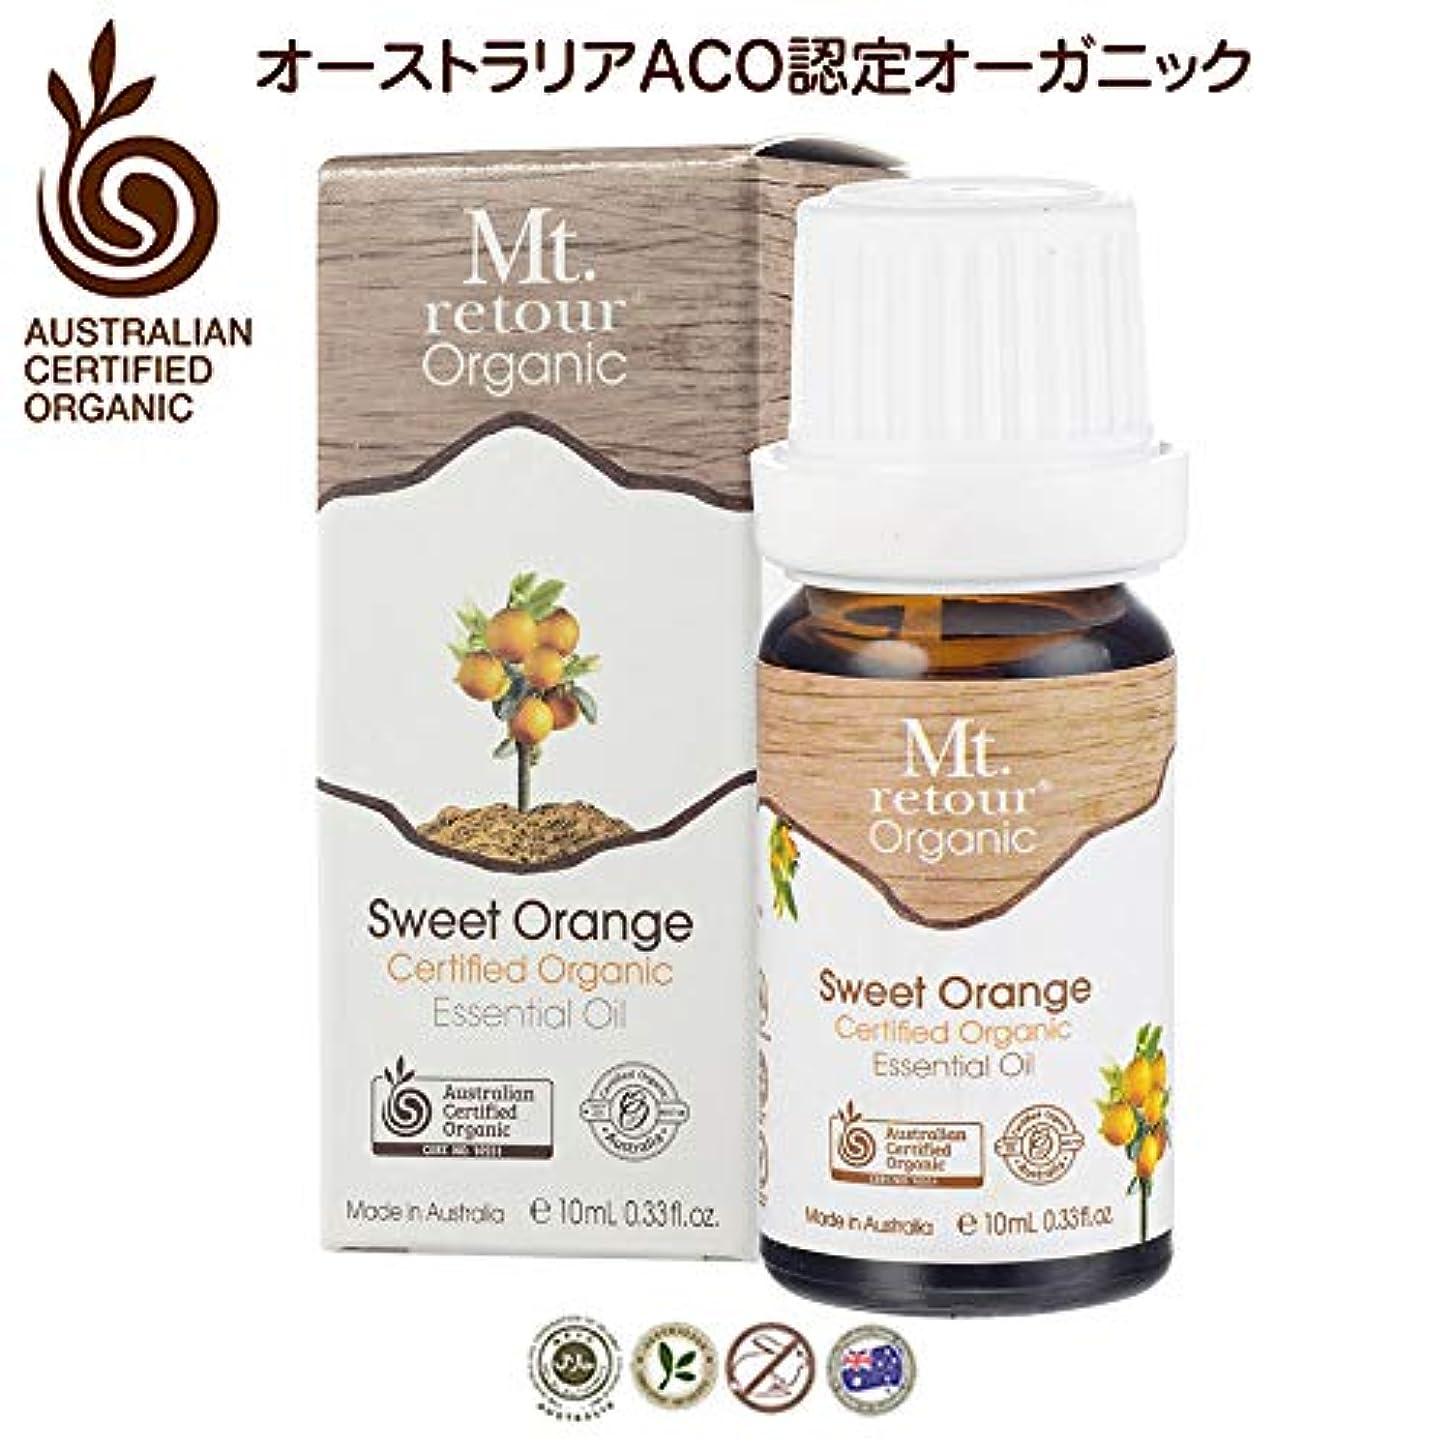 社説上陸大学Mt. retour ACO認定オーガニック オレンジスイート 10ml エッセンシャルオイル(無農薬有機)アロマ